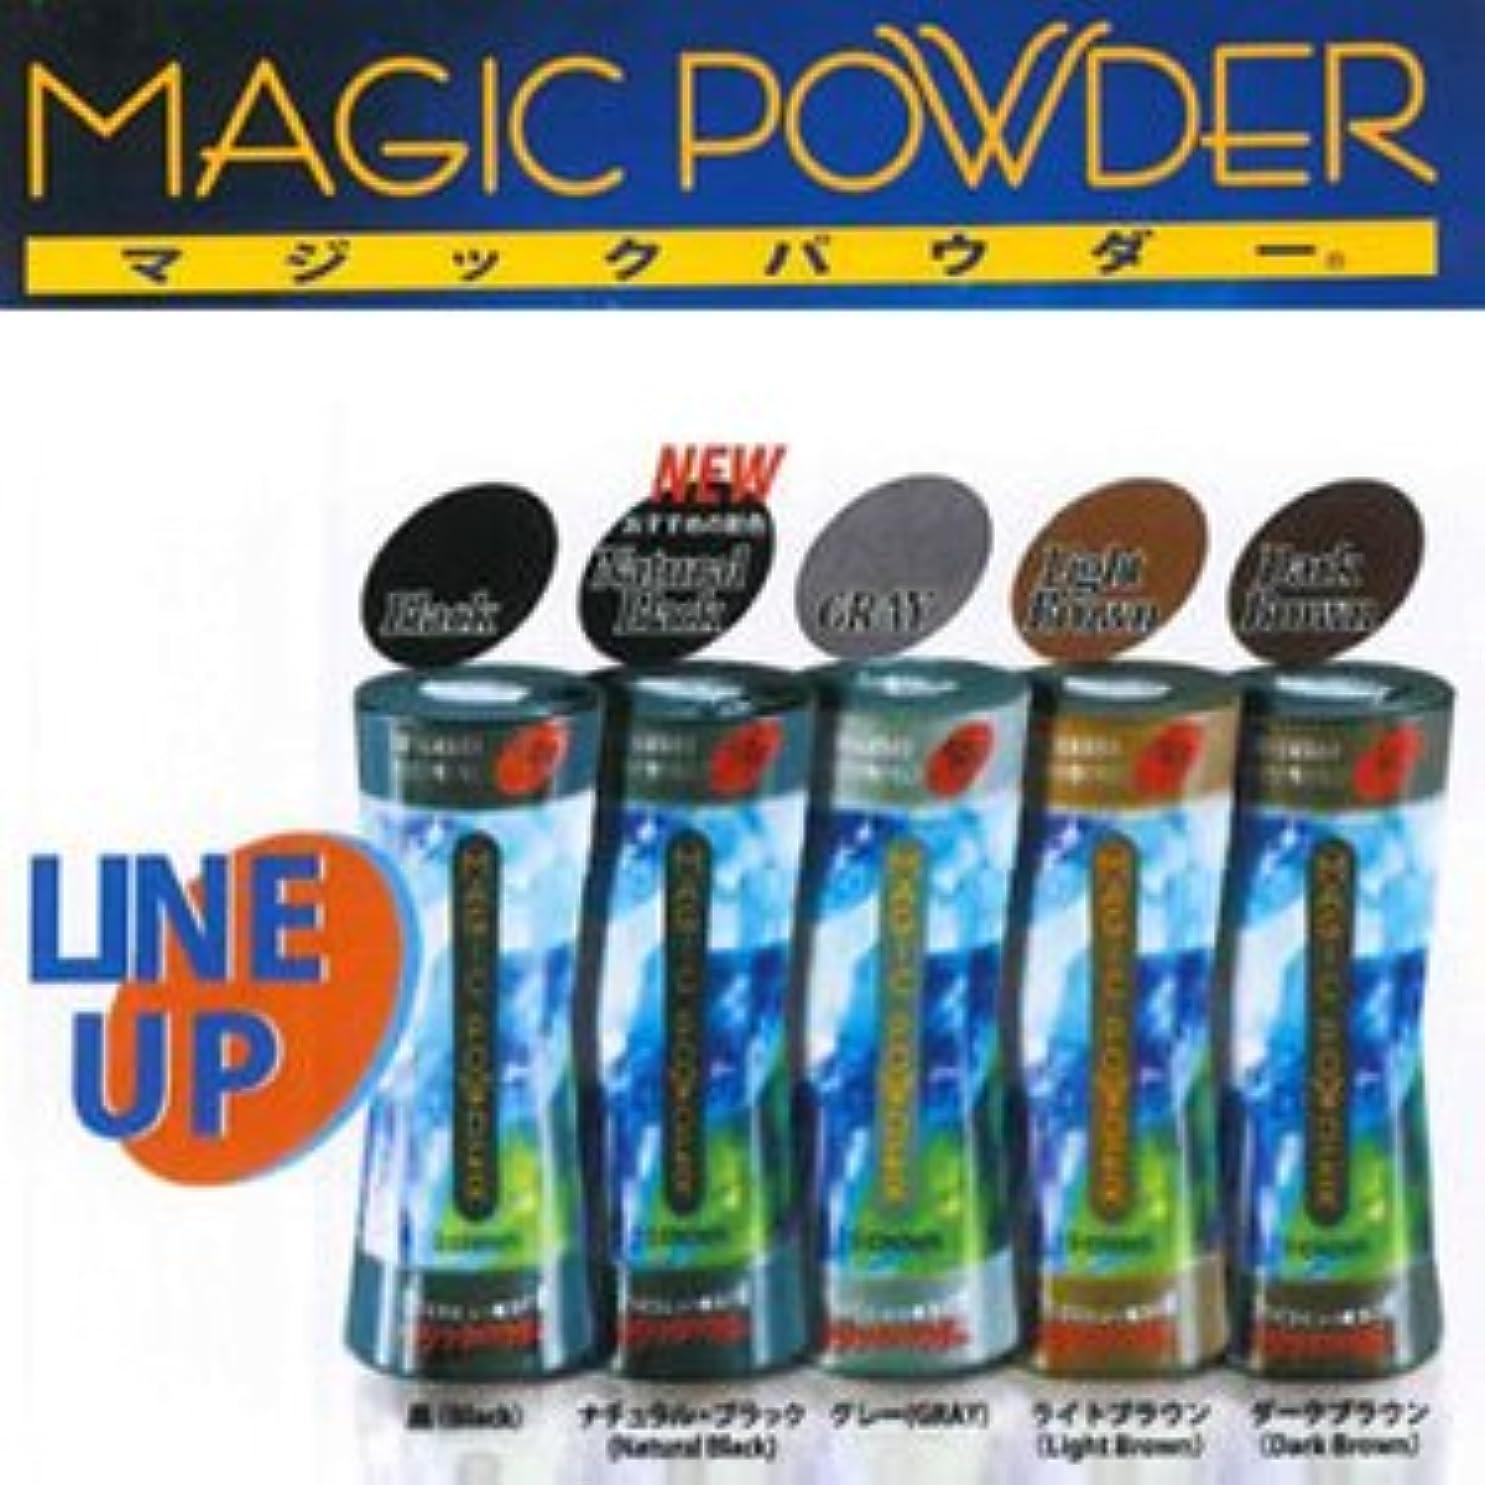 最高学生スタジアムMAGIC POWDER マジックパウダー ナチュラル?ブラック 50g 2個セット ※貴方の髪を簡単ボリュームアップ!